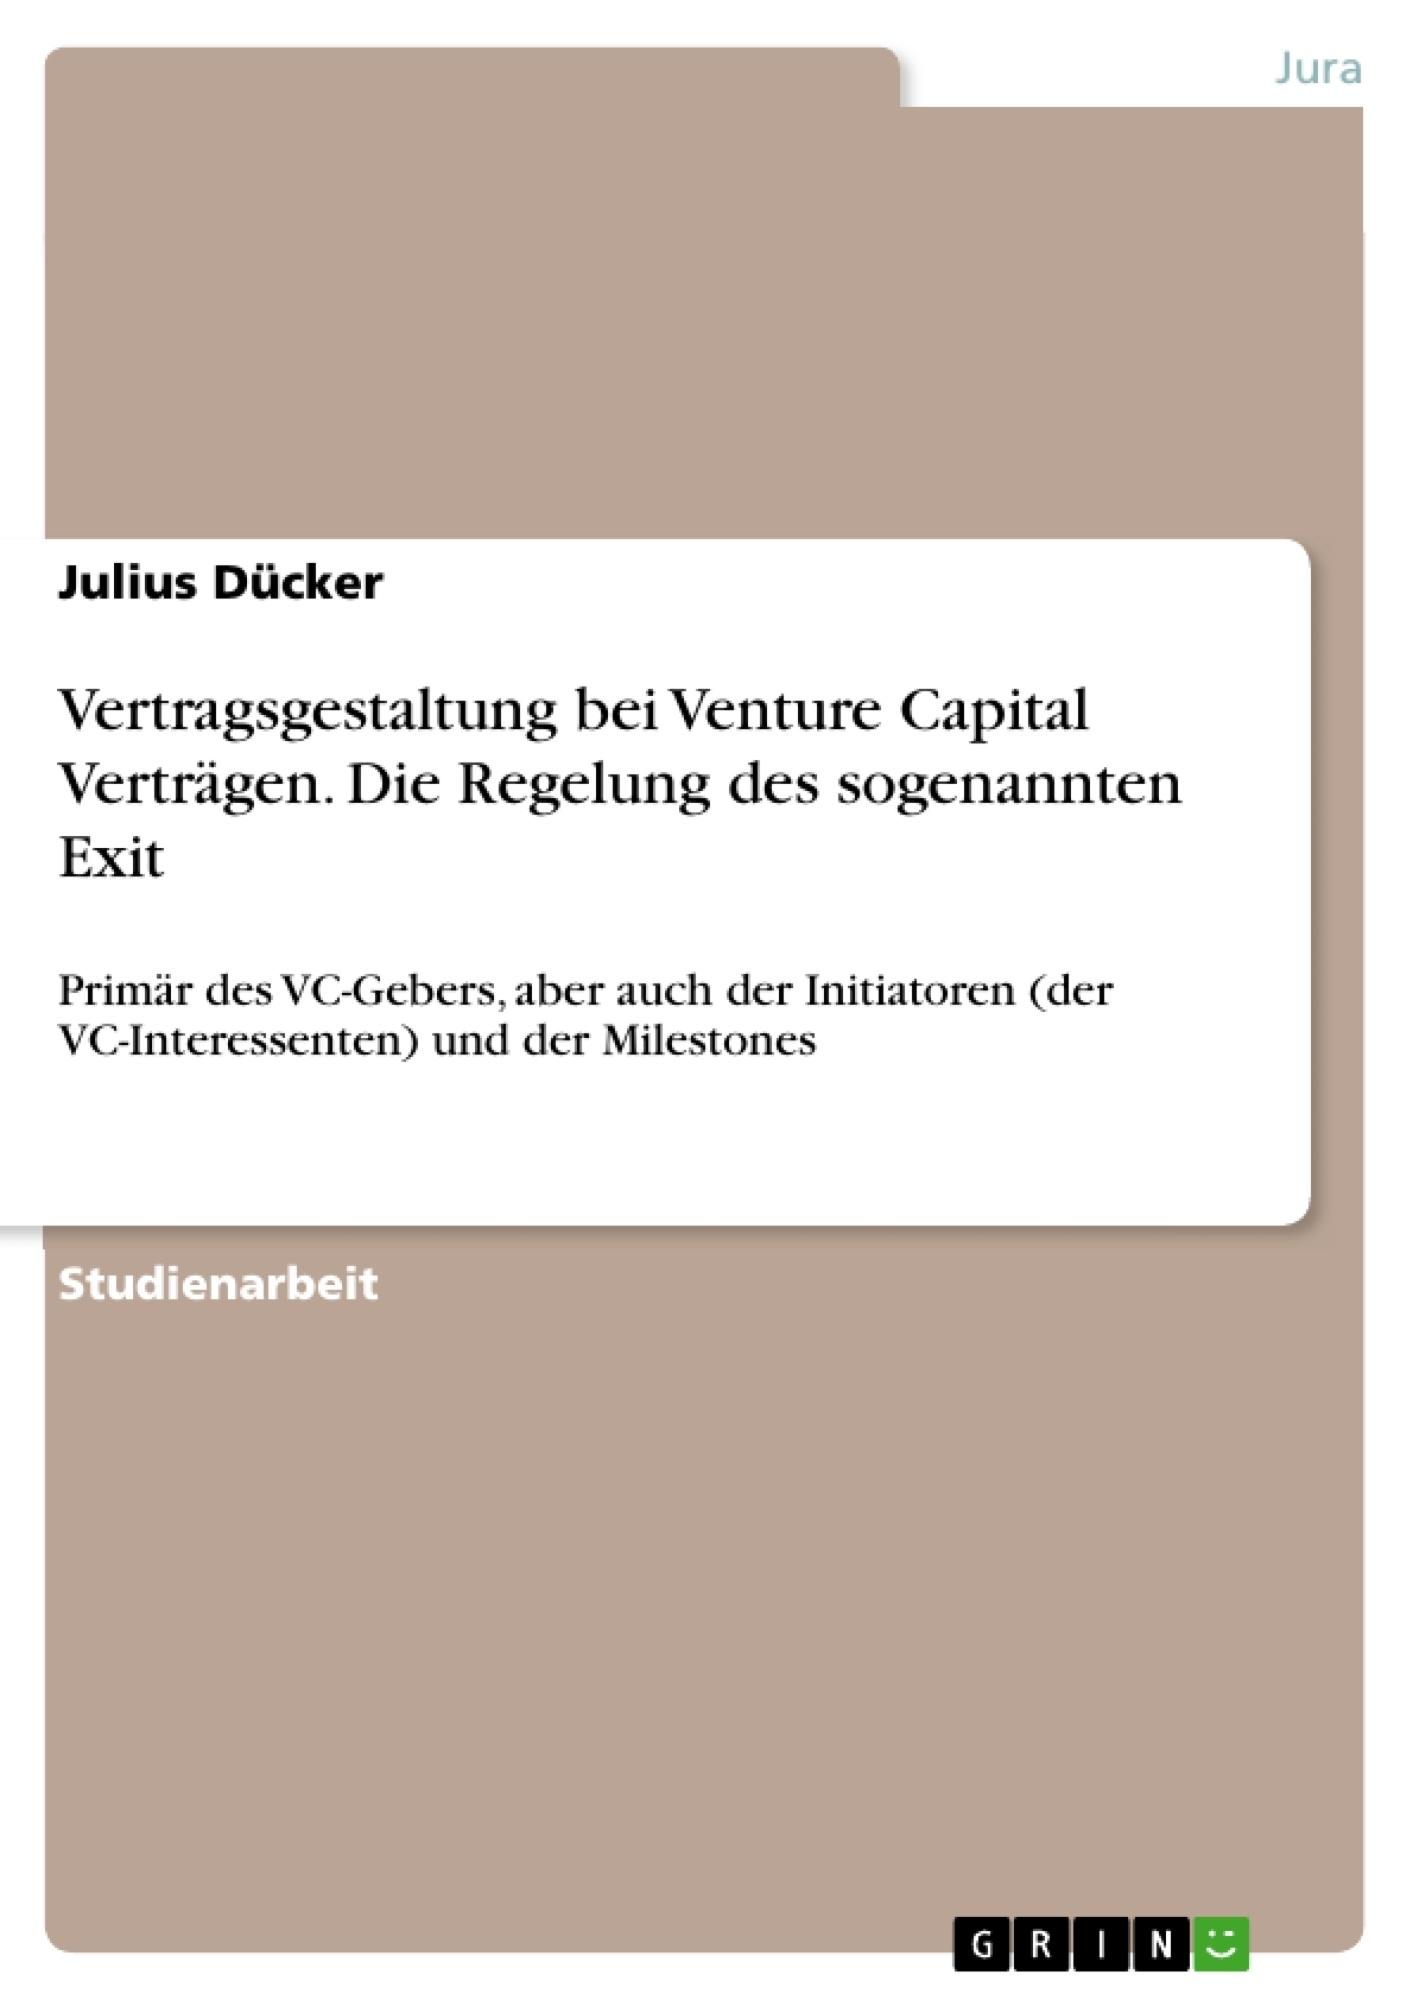 Titel: Vertragsgestaltung bei Venture Capital Verträgen. Die Regelung des sogenannten Exit